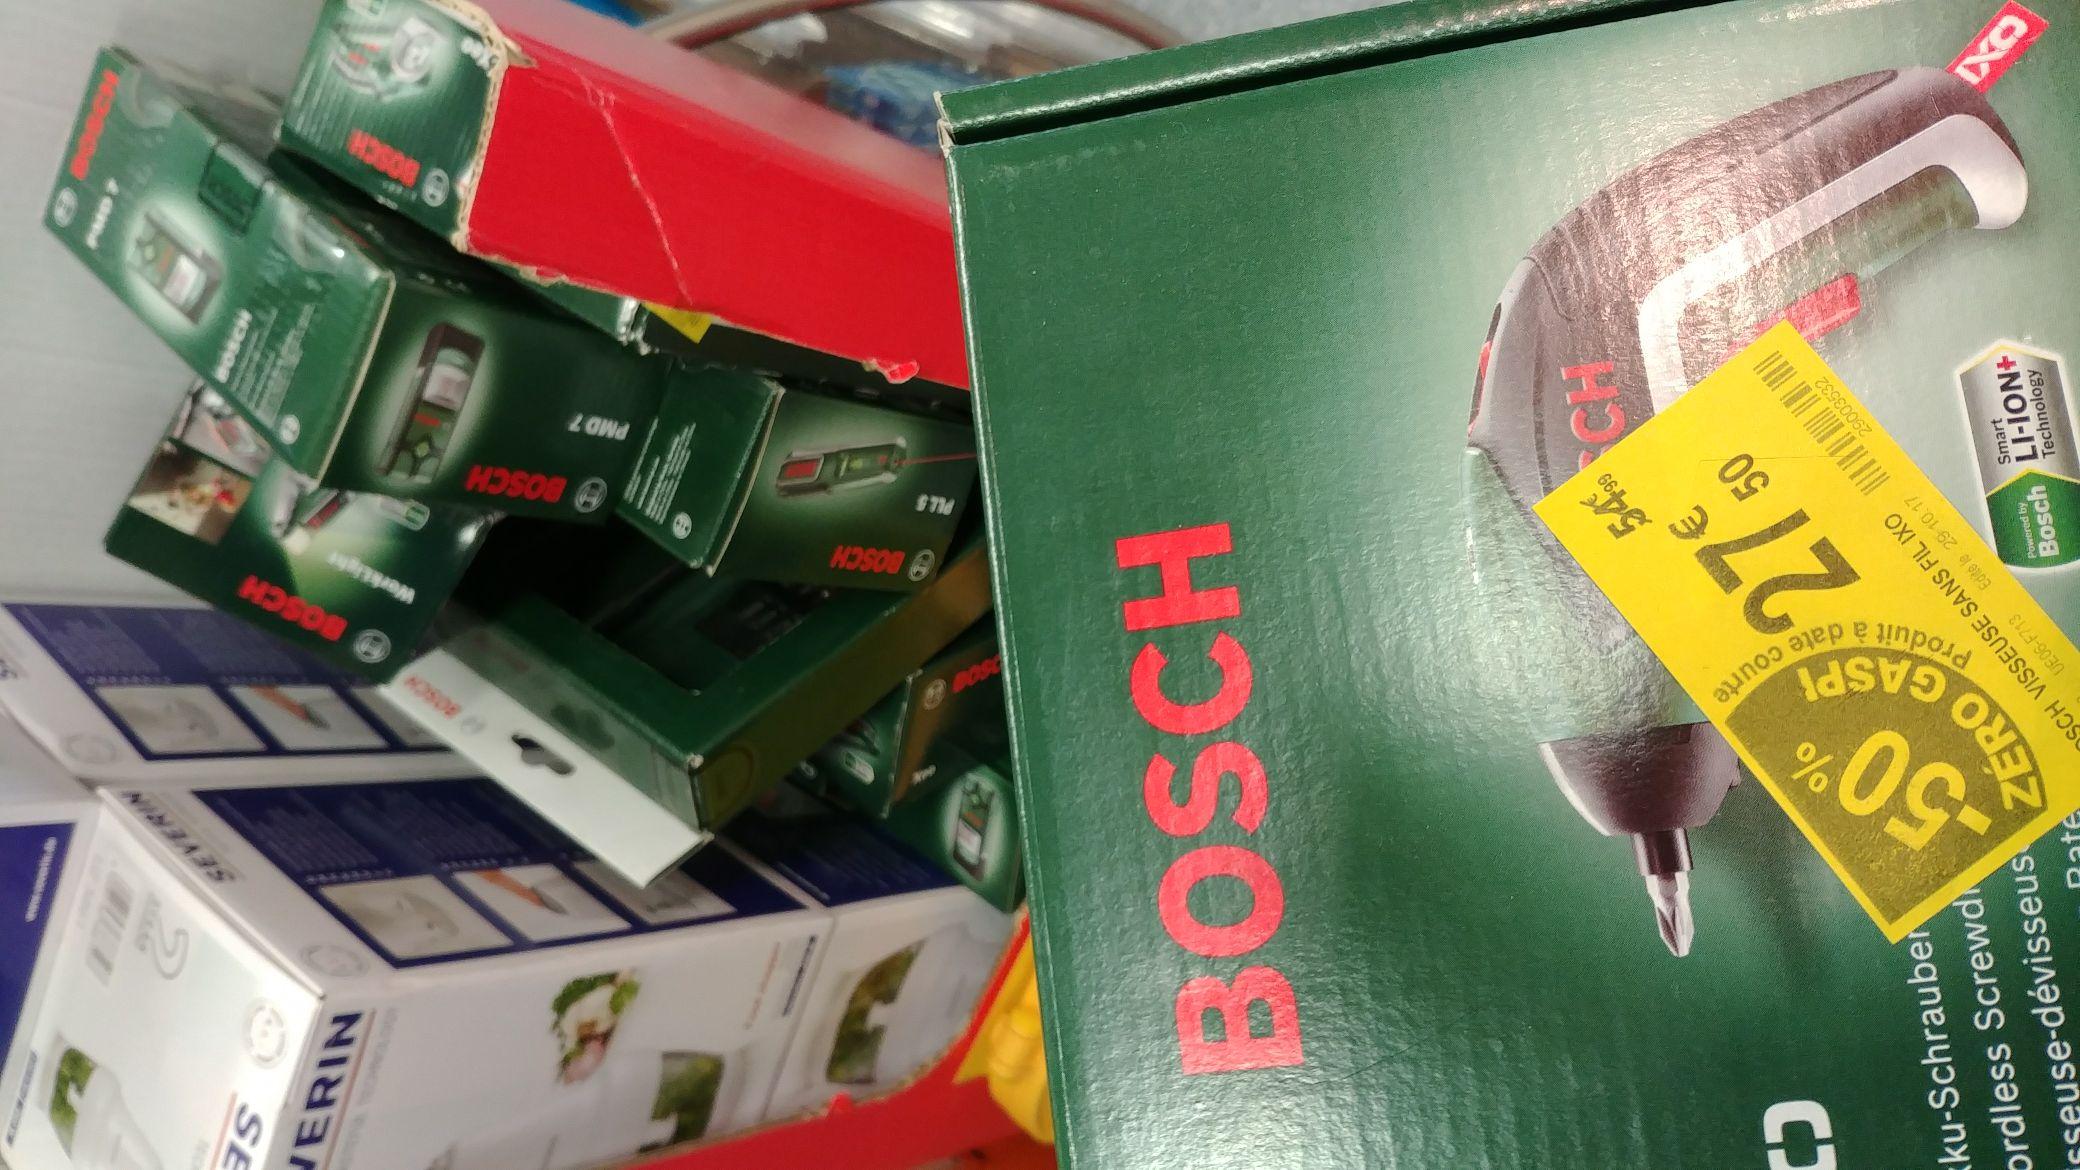 50% de réduction sur une sélection d'outils Bosch - Ex :  Visseuse sans fil Bosch XO V Mediumcasino market Perpignan au rond-point du moulin à vent. - Perpignan (66)